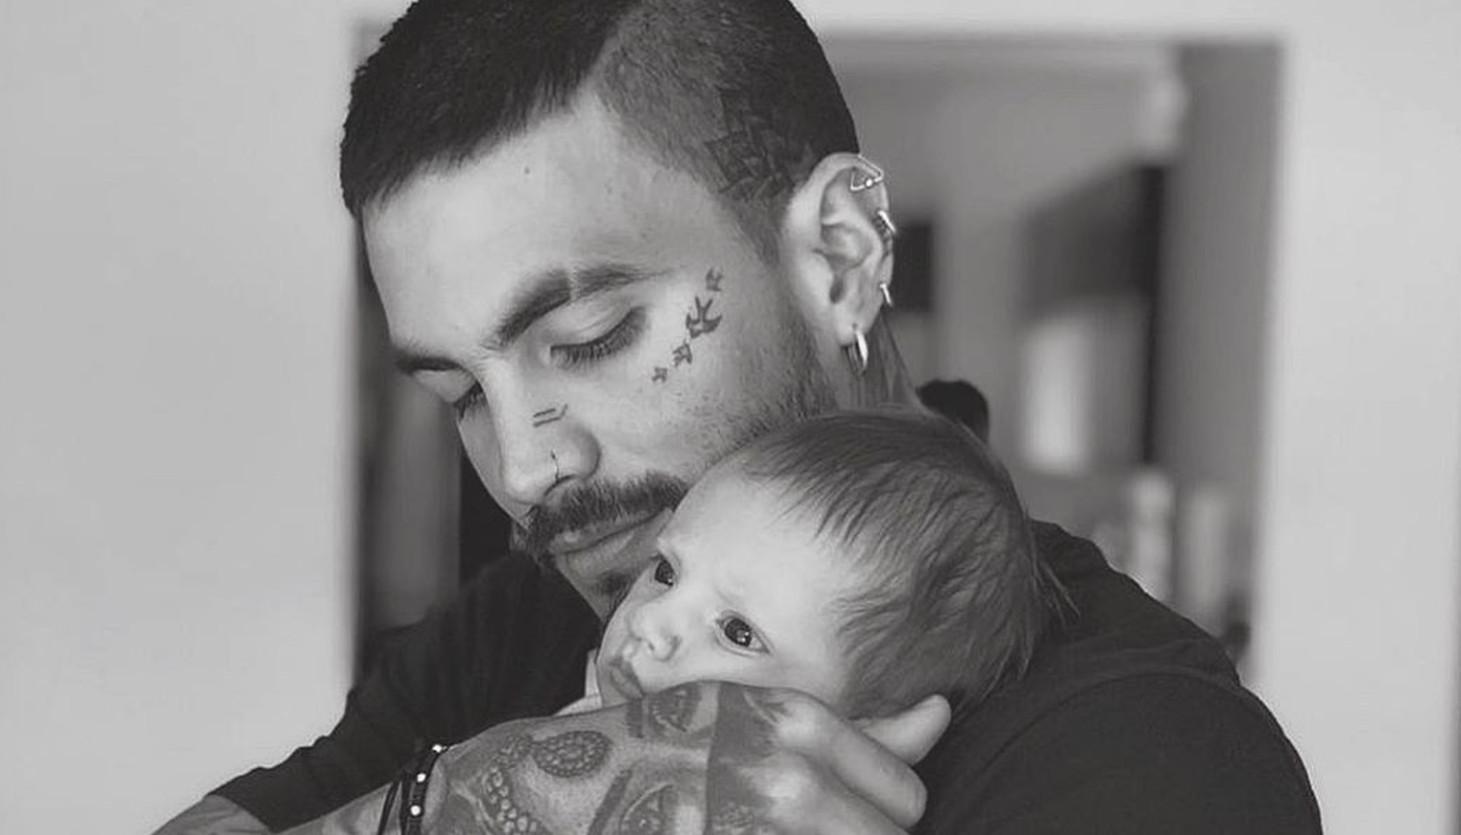 El nuevo tatuaje de Mateo Carvajal inspirado en su hijo Salvador